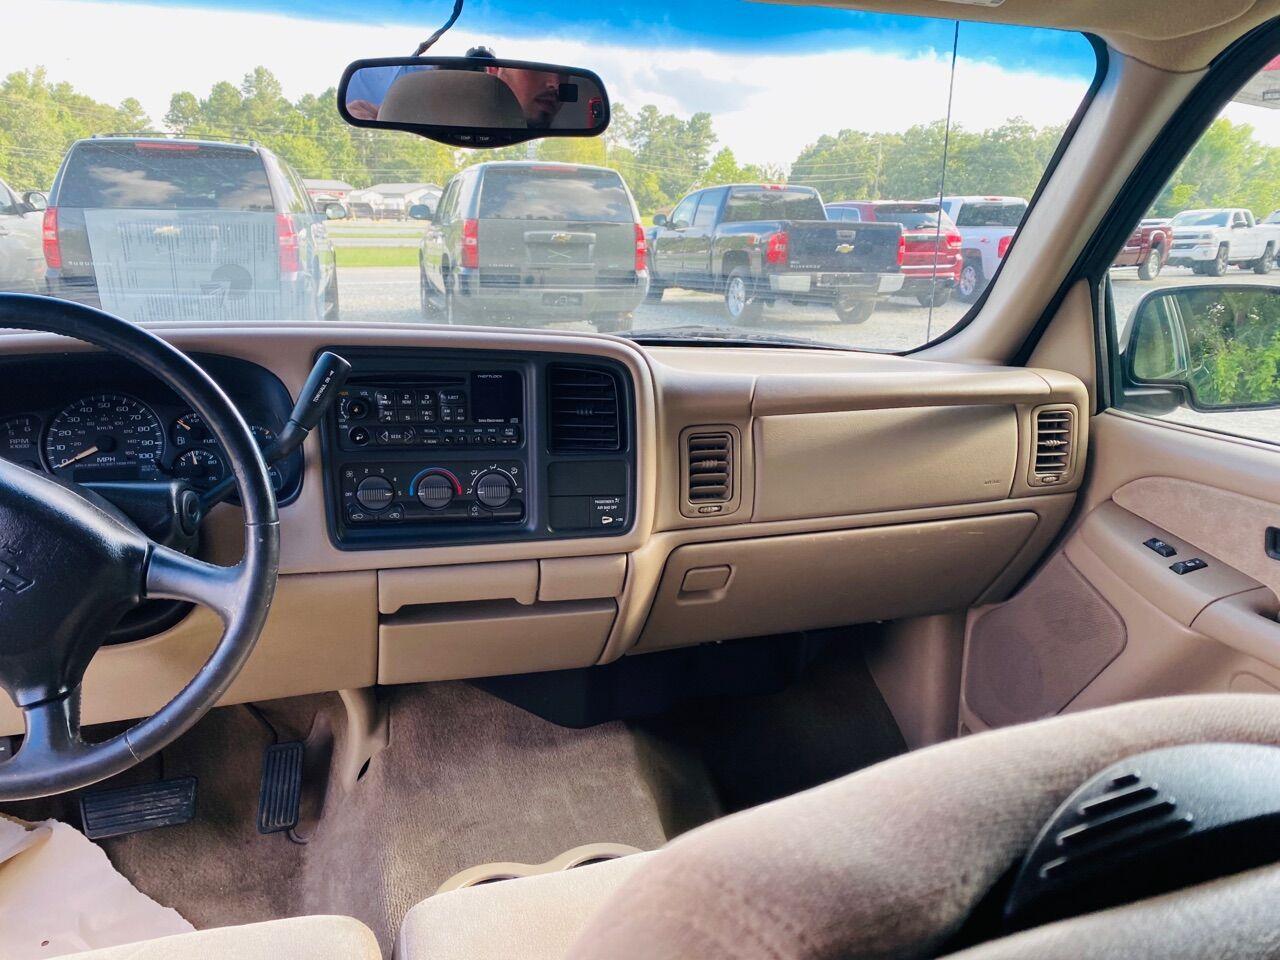 ChevroletSilverado 150015